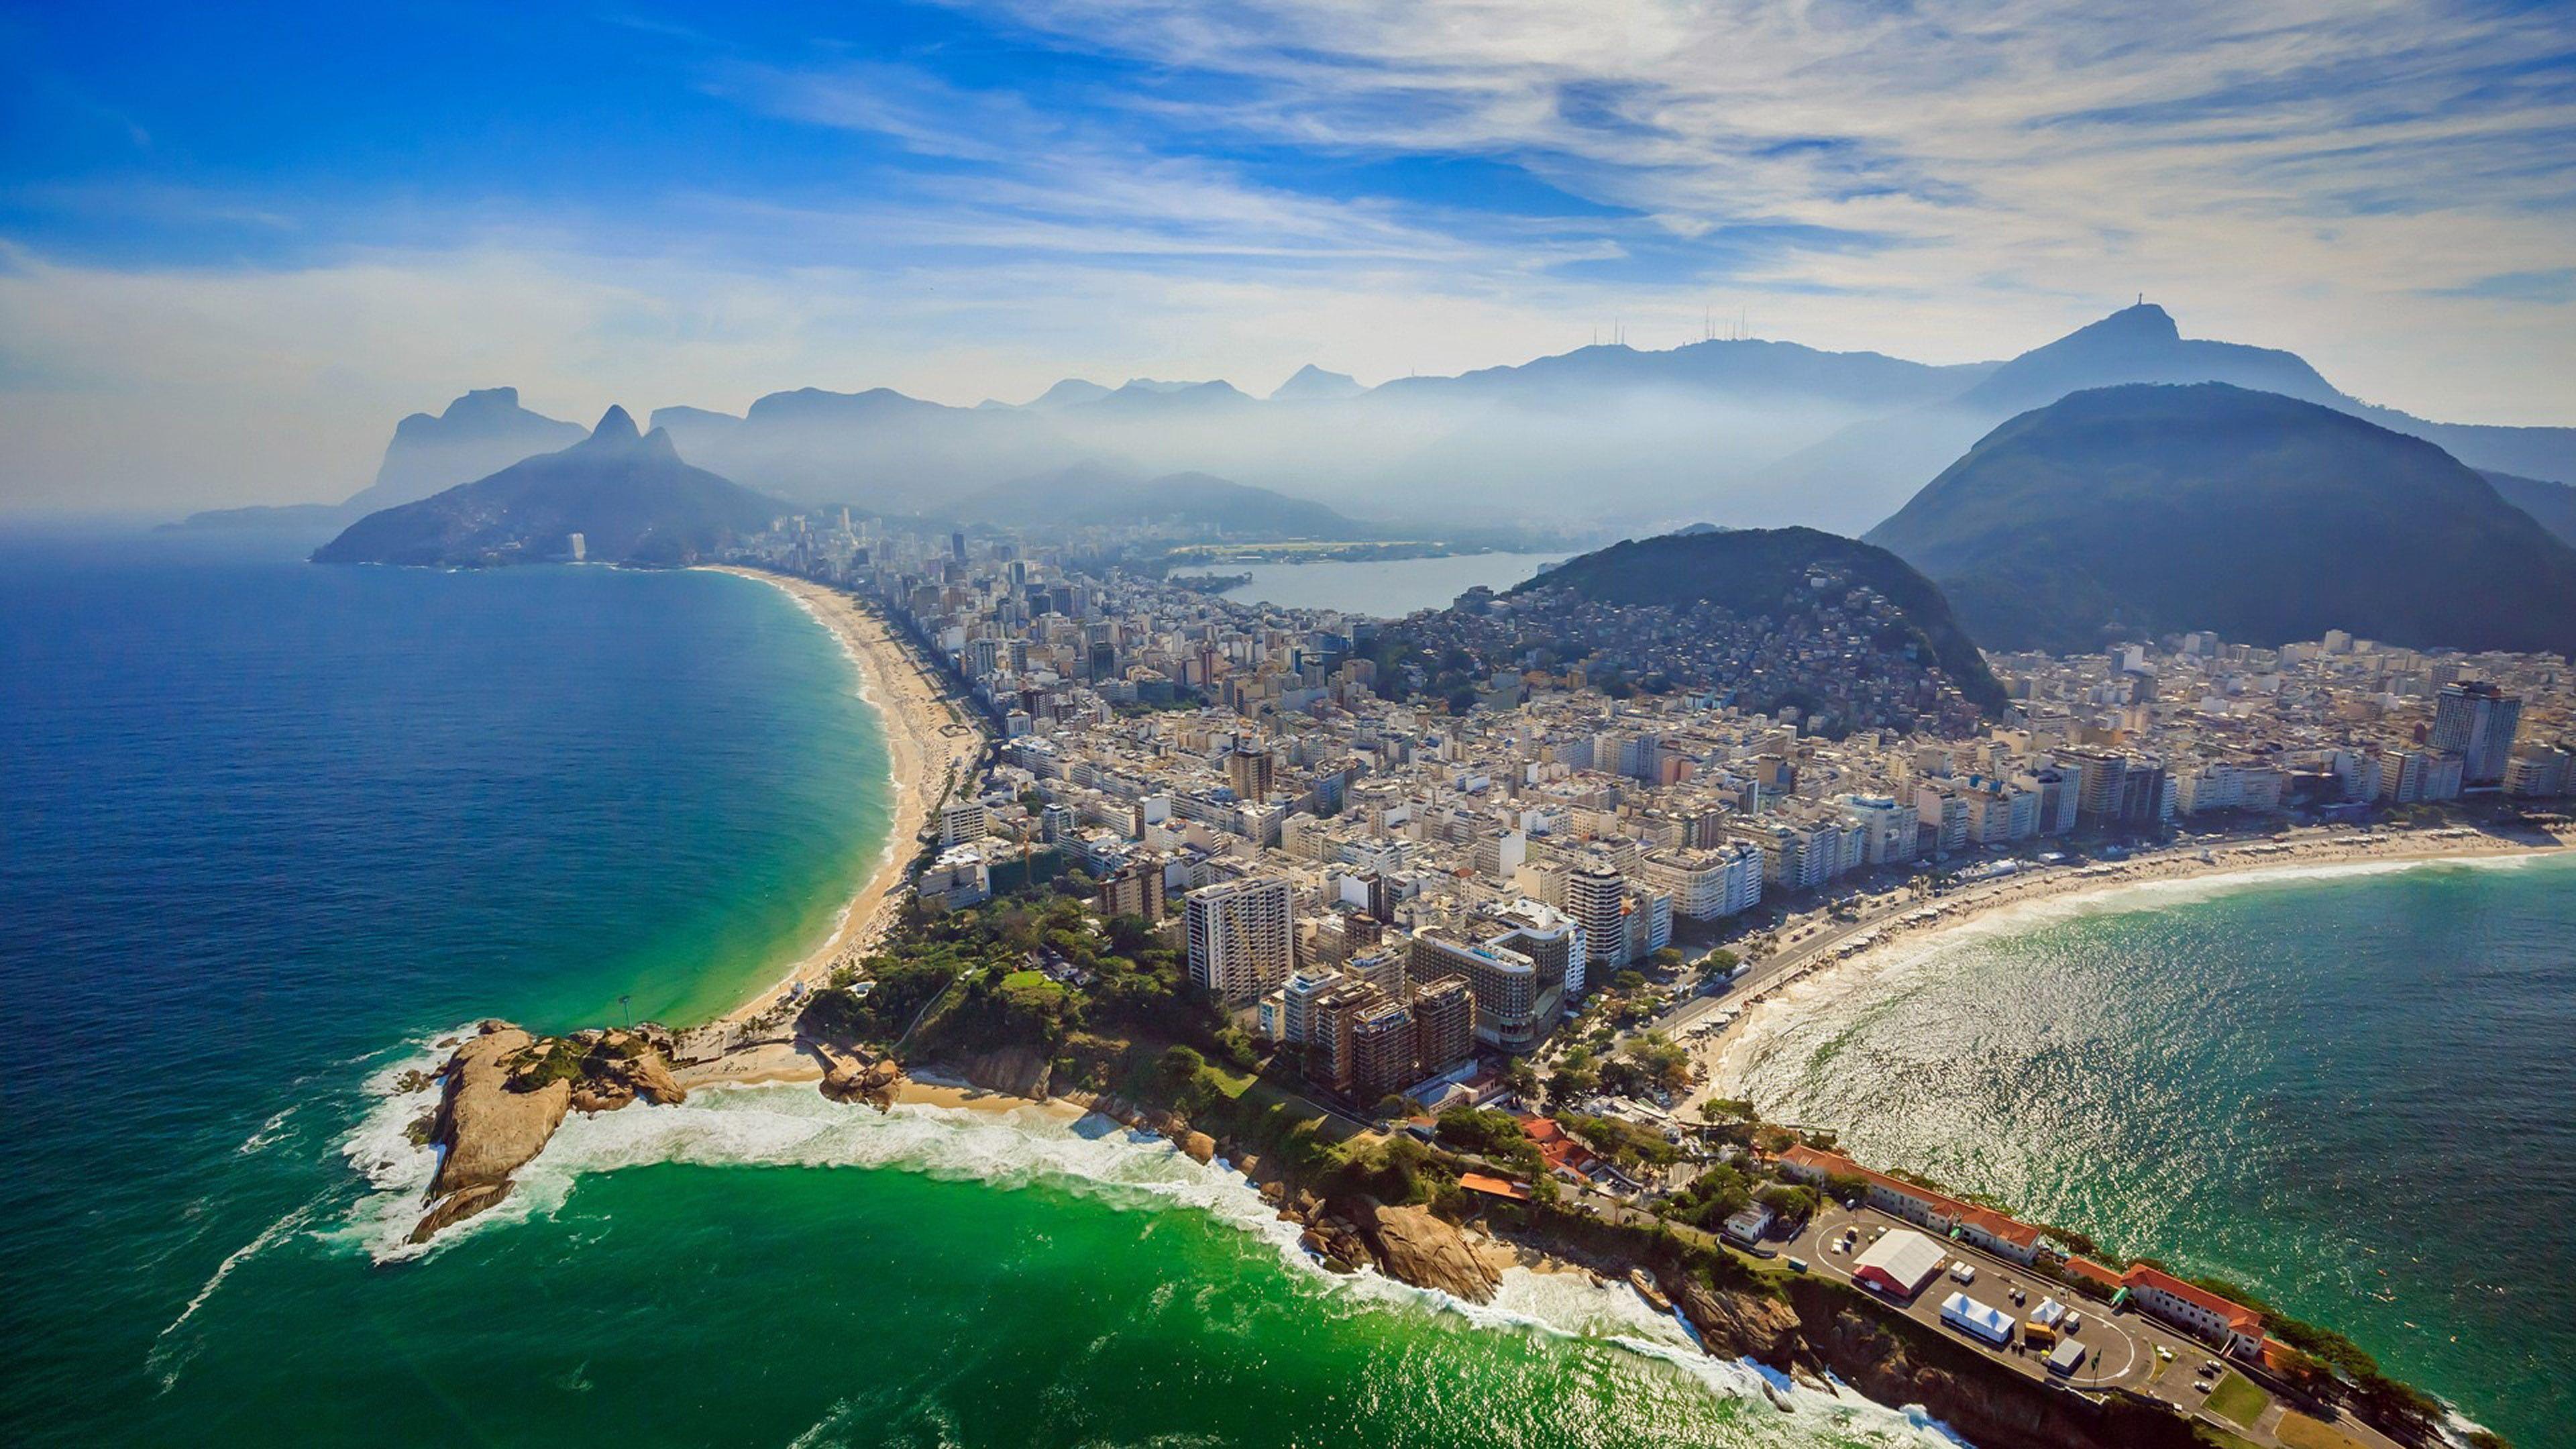 Rio De Janeiro Copacabana Beach And Ipanema Beach Aerial View